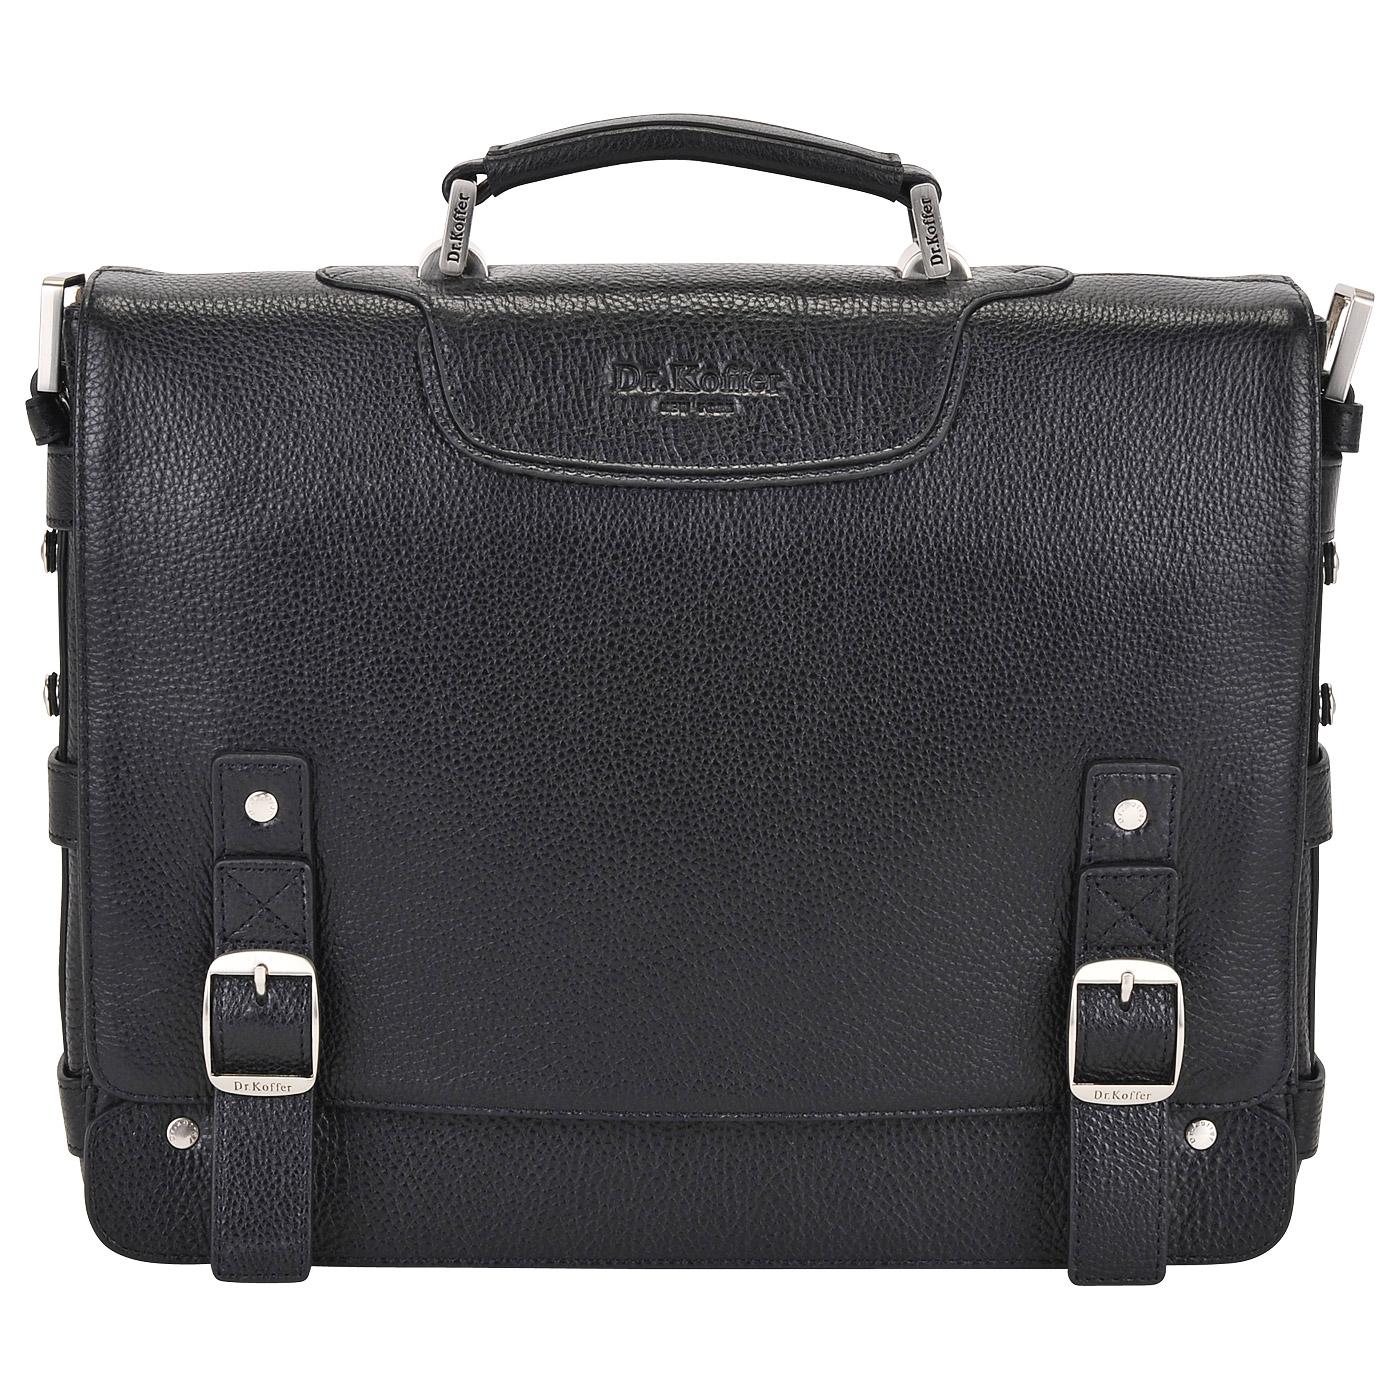 Портфель мужской кожаный Dr. Koffer B402297-02-04 черный фото